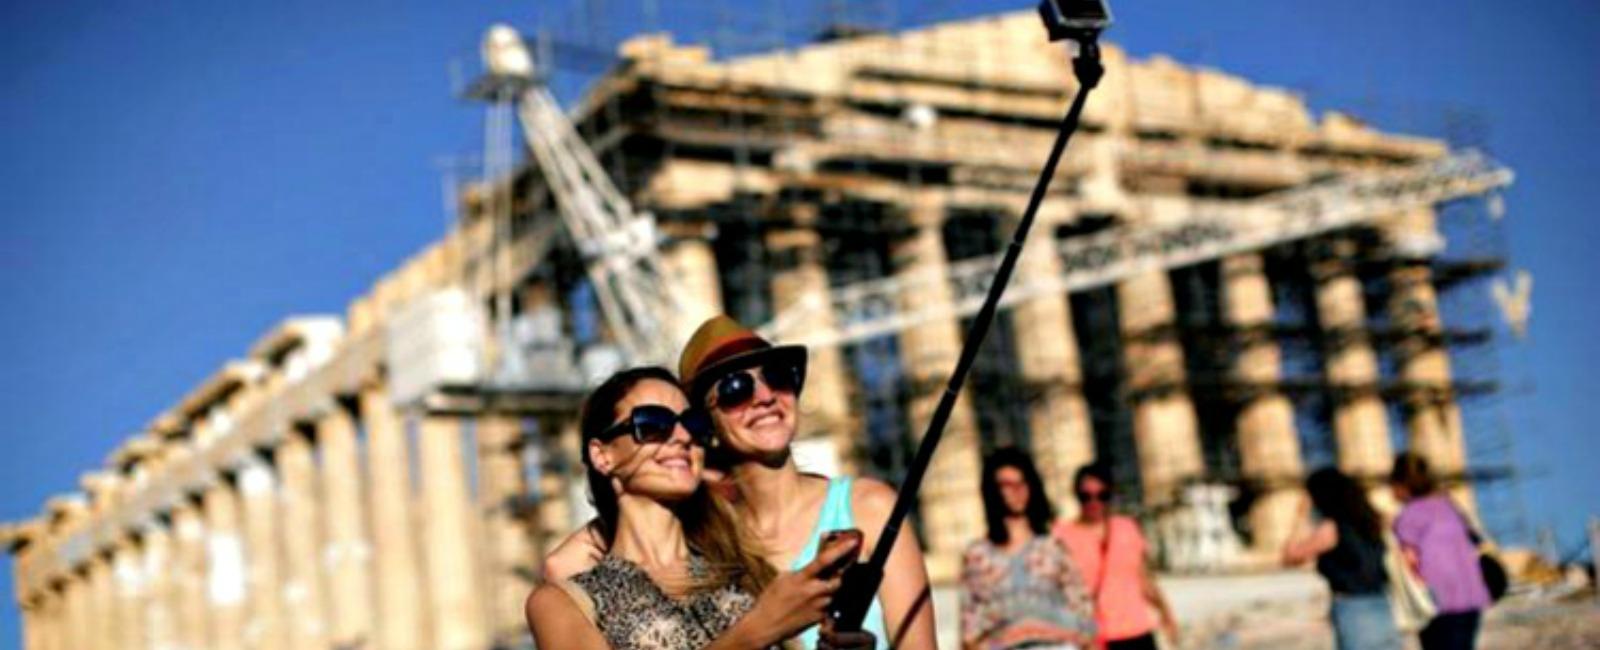 """Ελλάδα: Νέο """"κύμα"""" ακυρώσεων στον ελληνικό τουρισμό"""